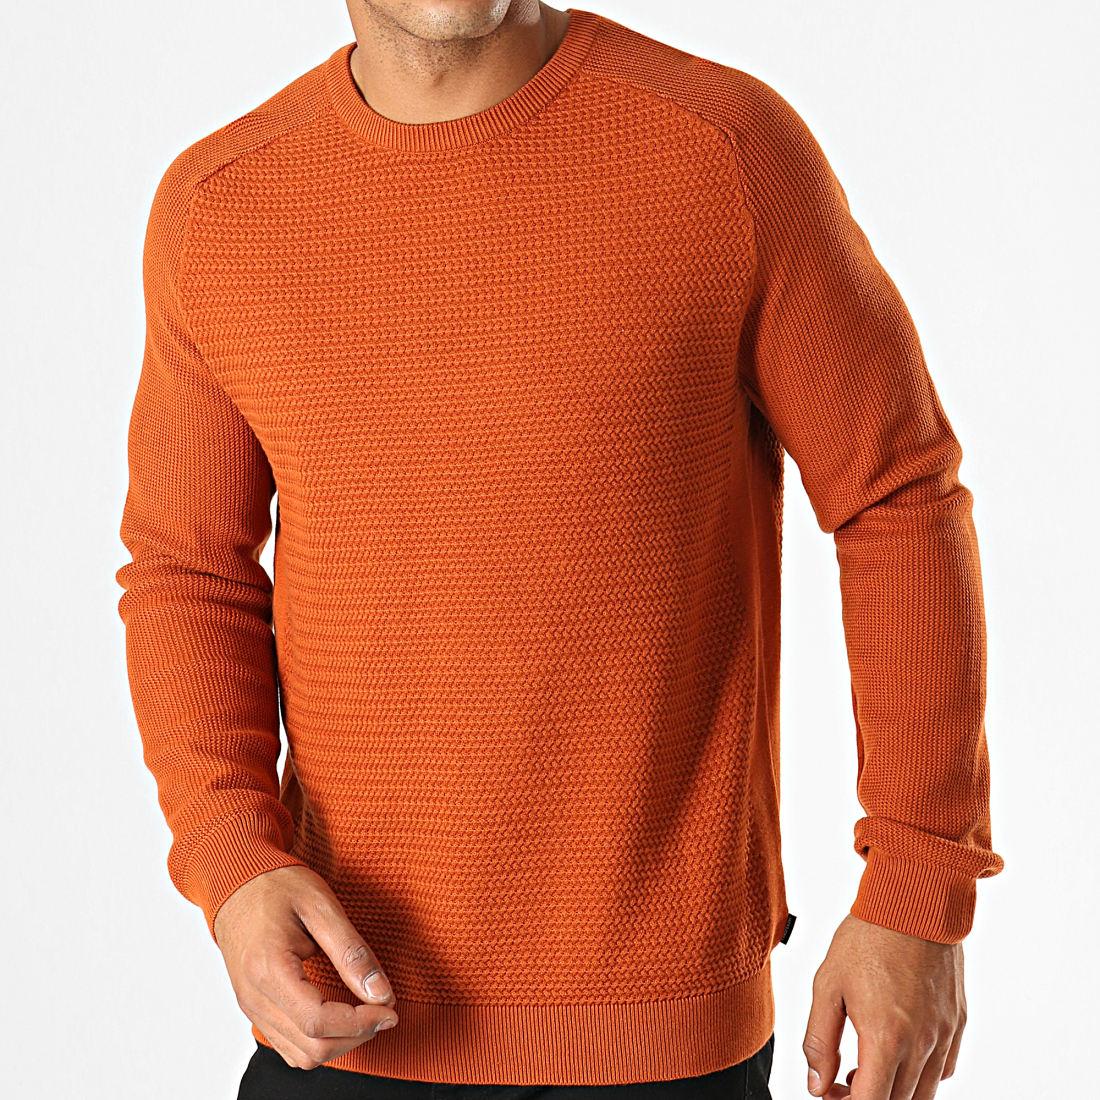 Jack And Jones - Pull Knit Orange - LaBoutiqueOfficielle.com